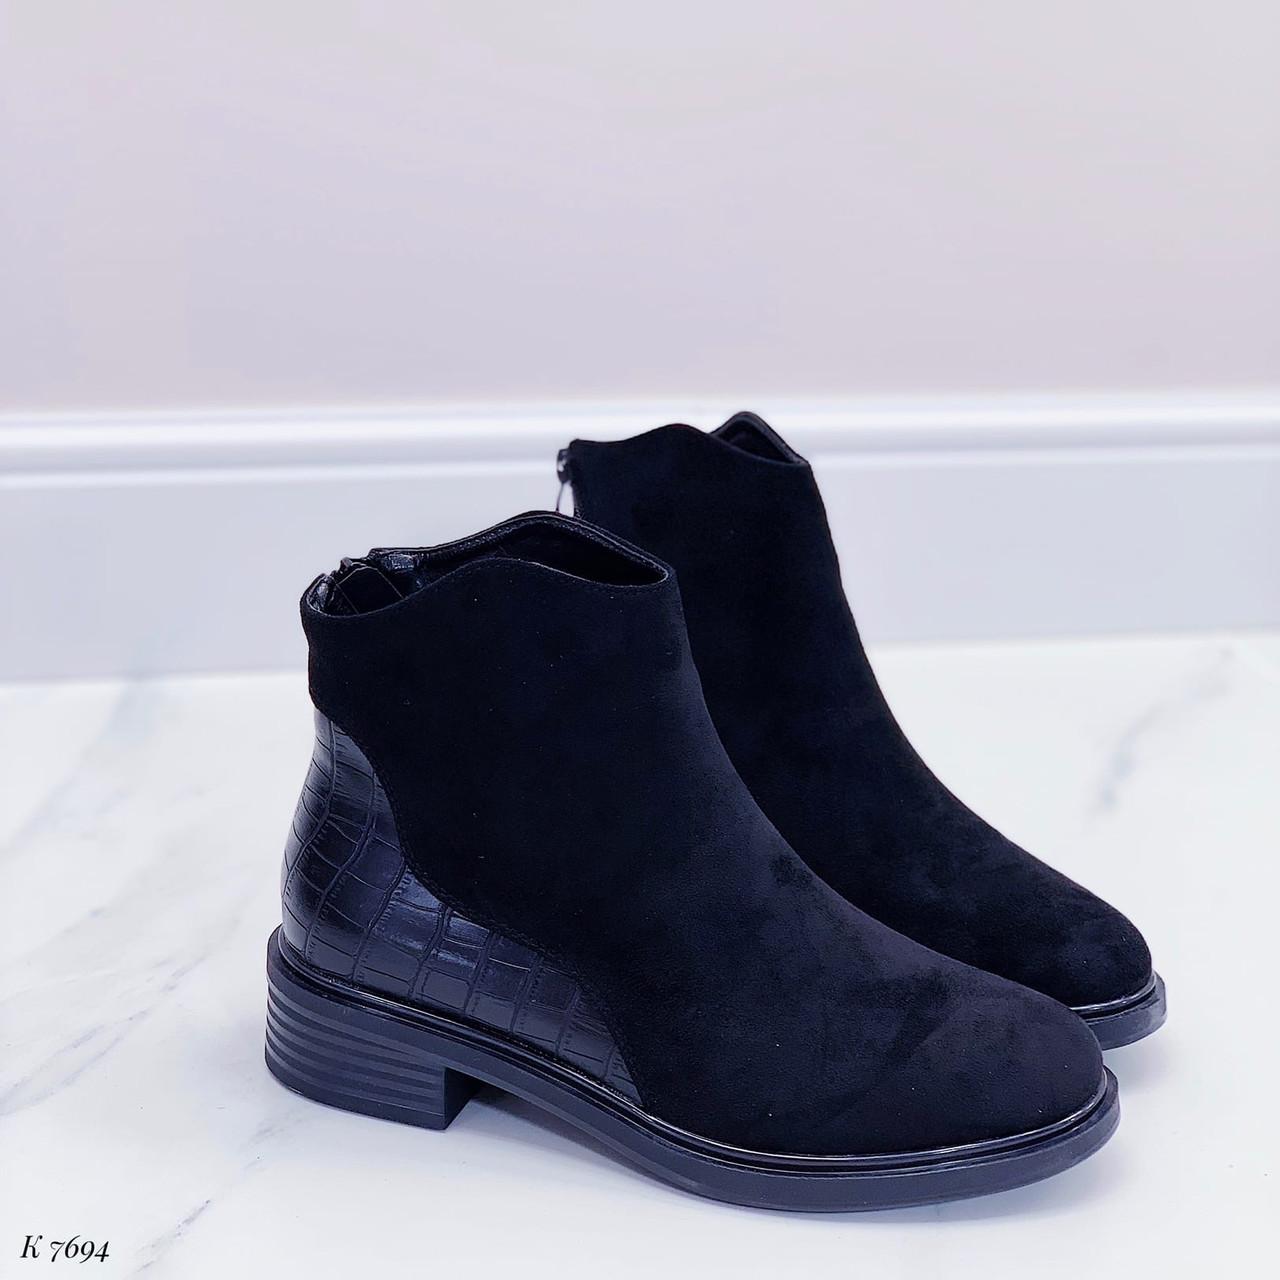 Женские ботинки ДЕМИ черные эко-замш + кожа питон